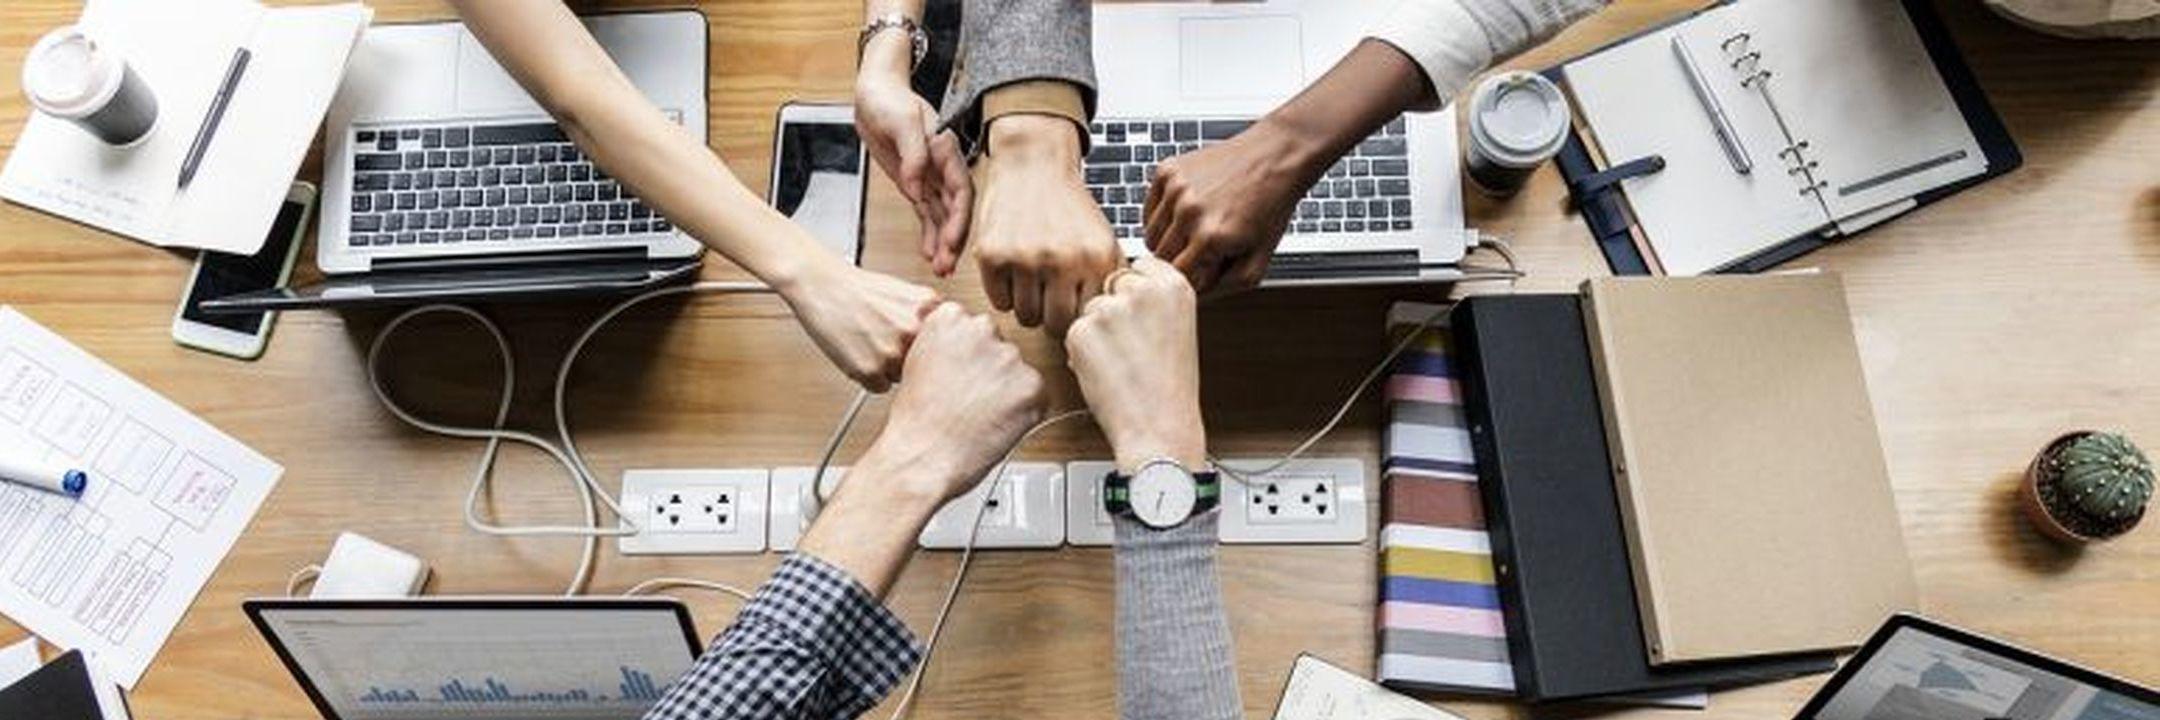 No jogo da comunicação quem escolhe a melhor solução convergente faz mais negócio